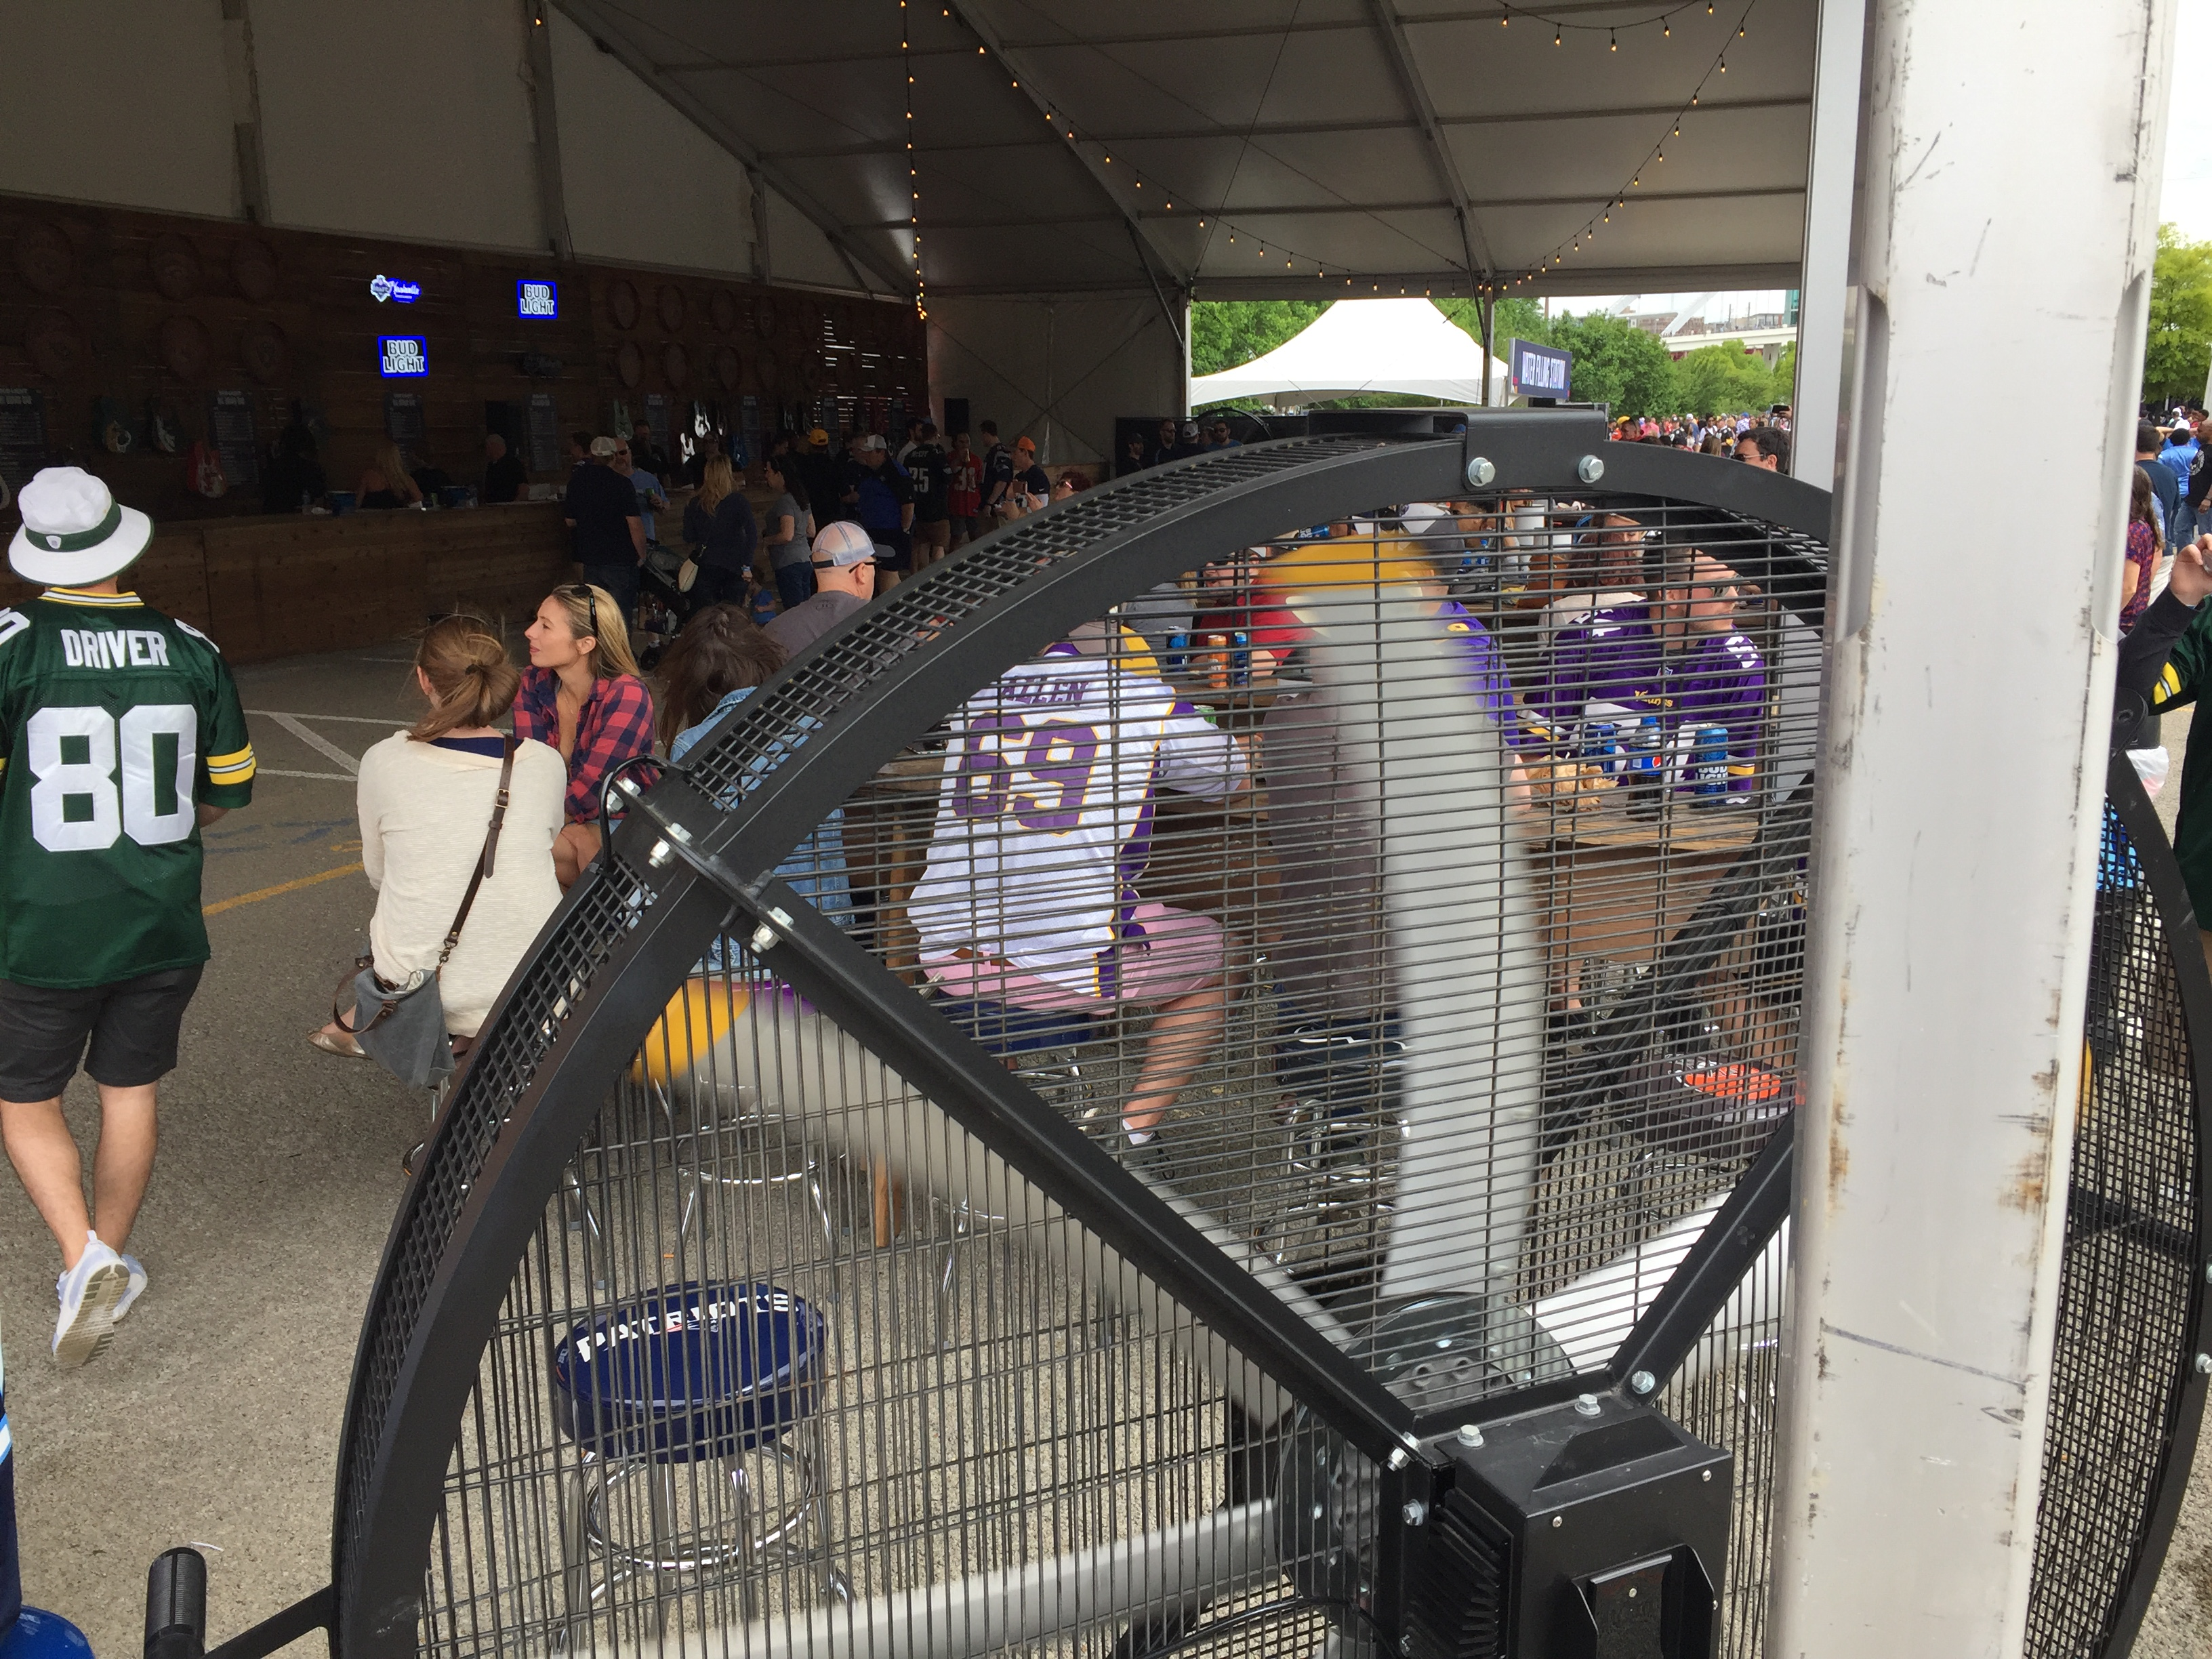 Big Black Fan in the Beer Garden